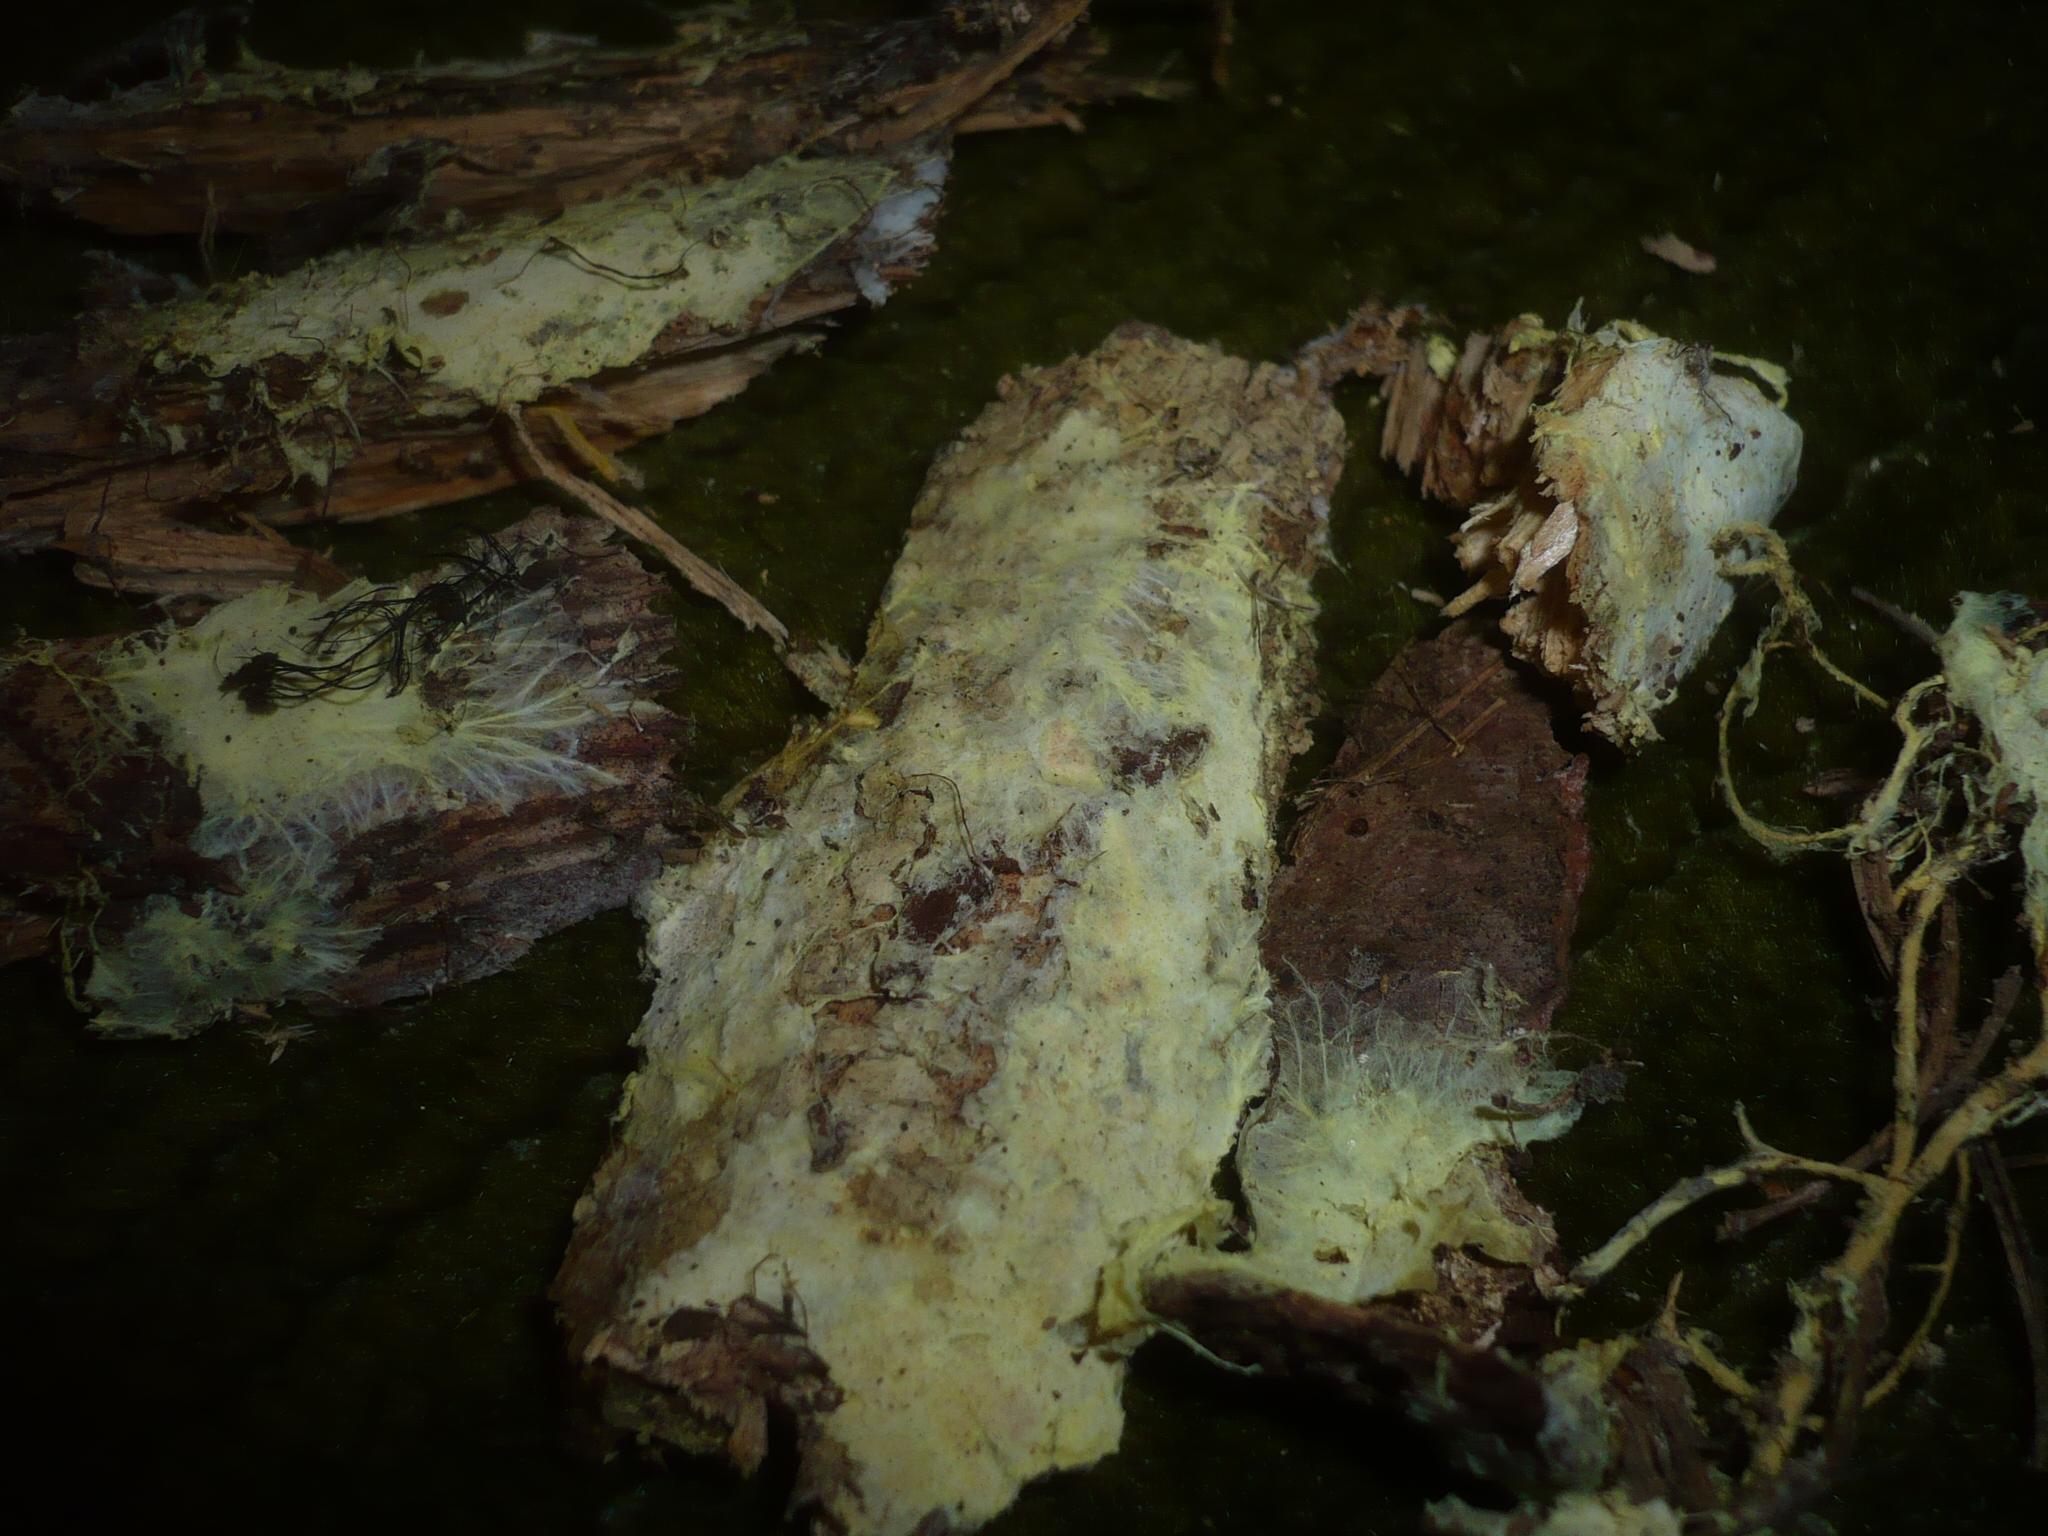 Ceraceomyces sulphurinus image